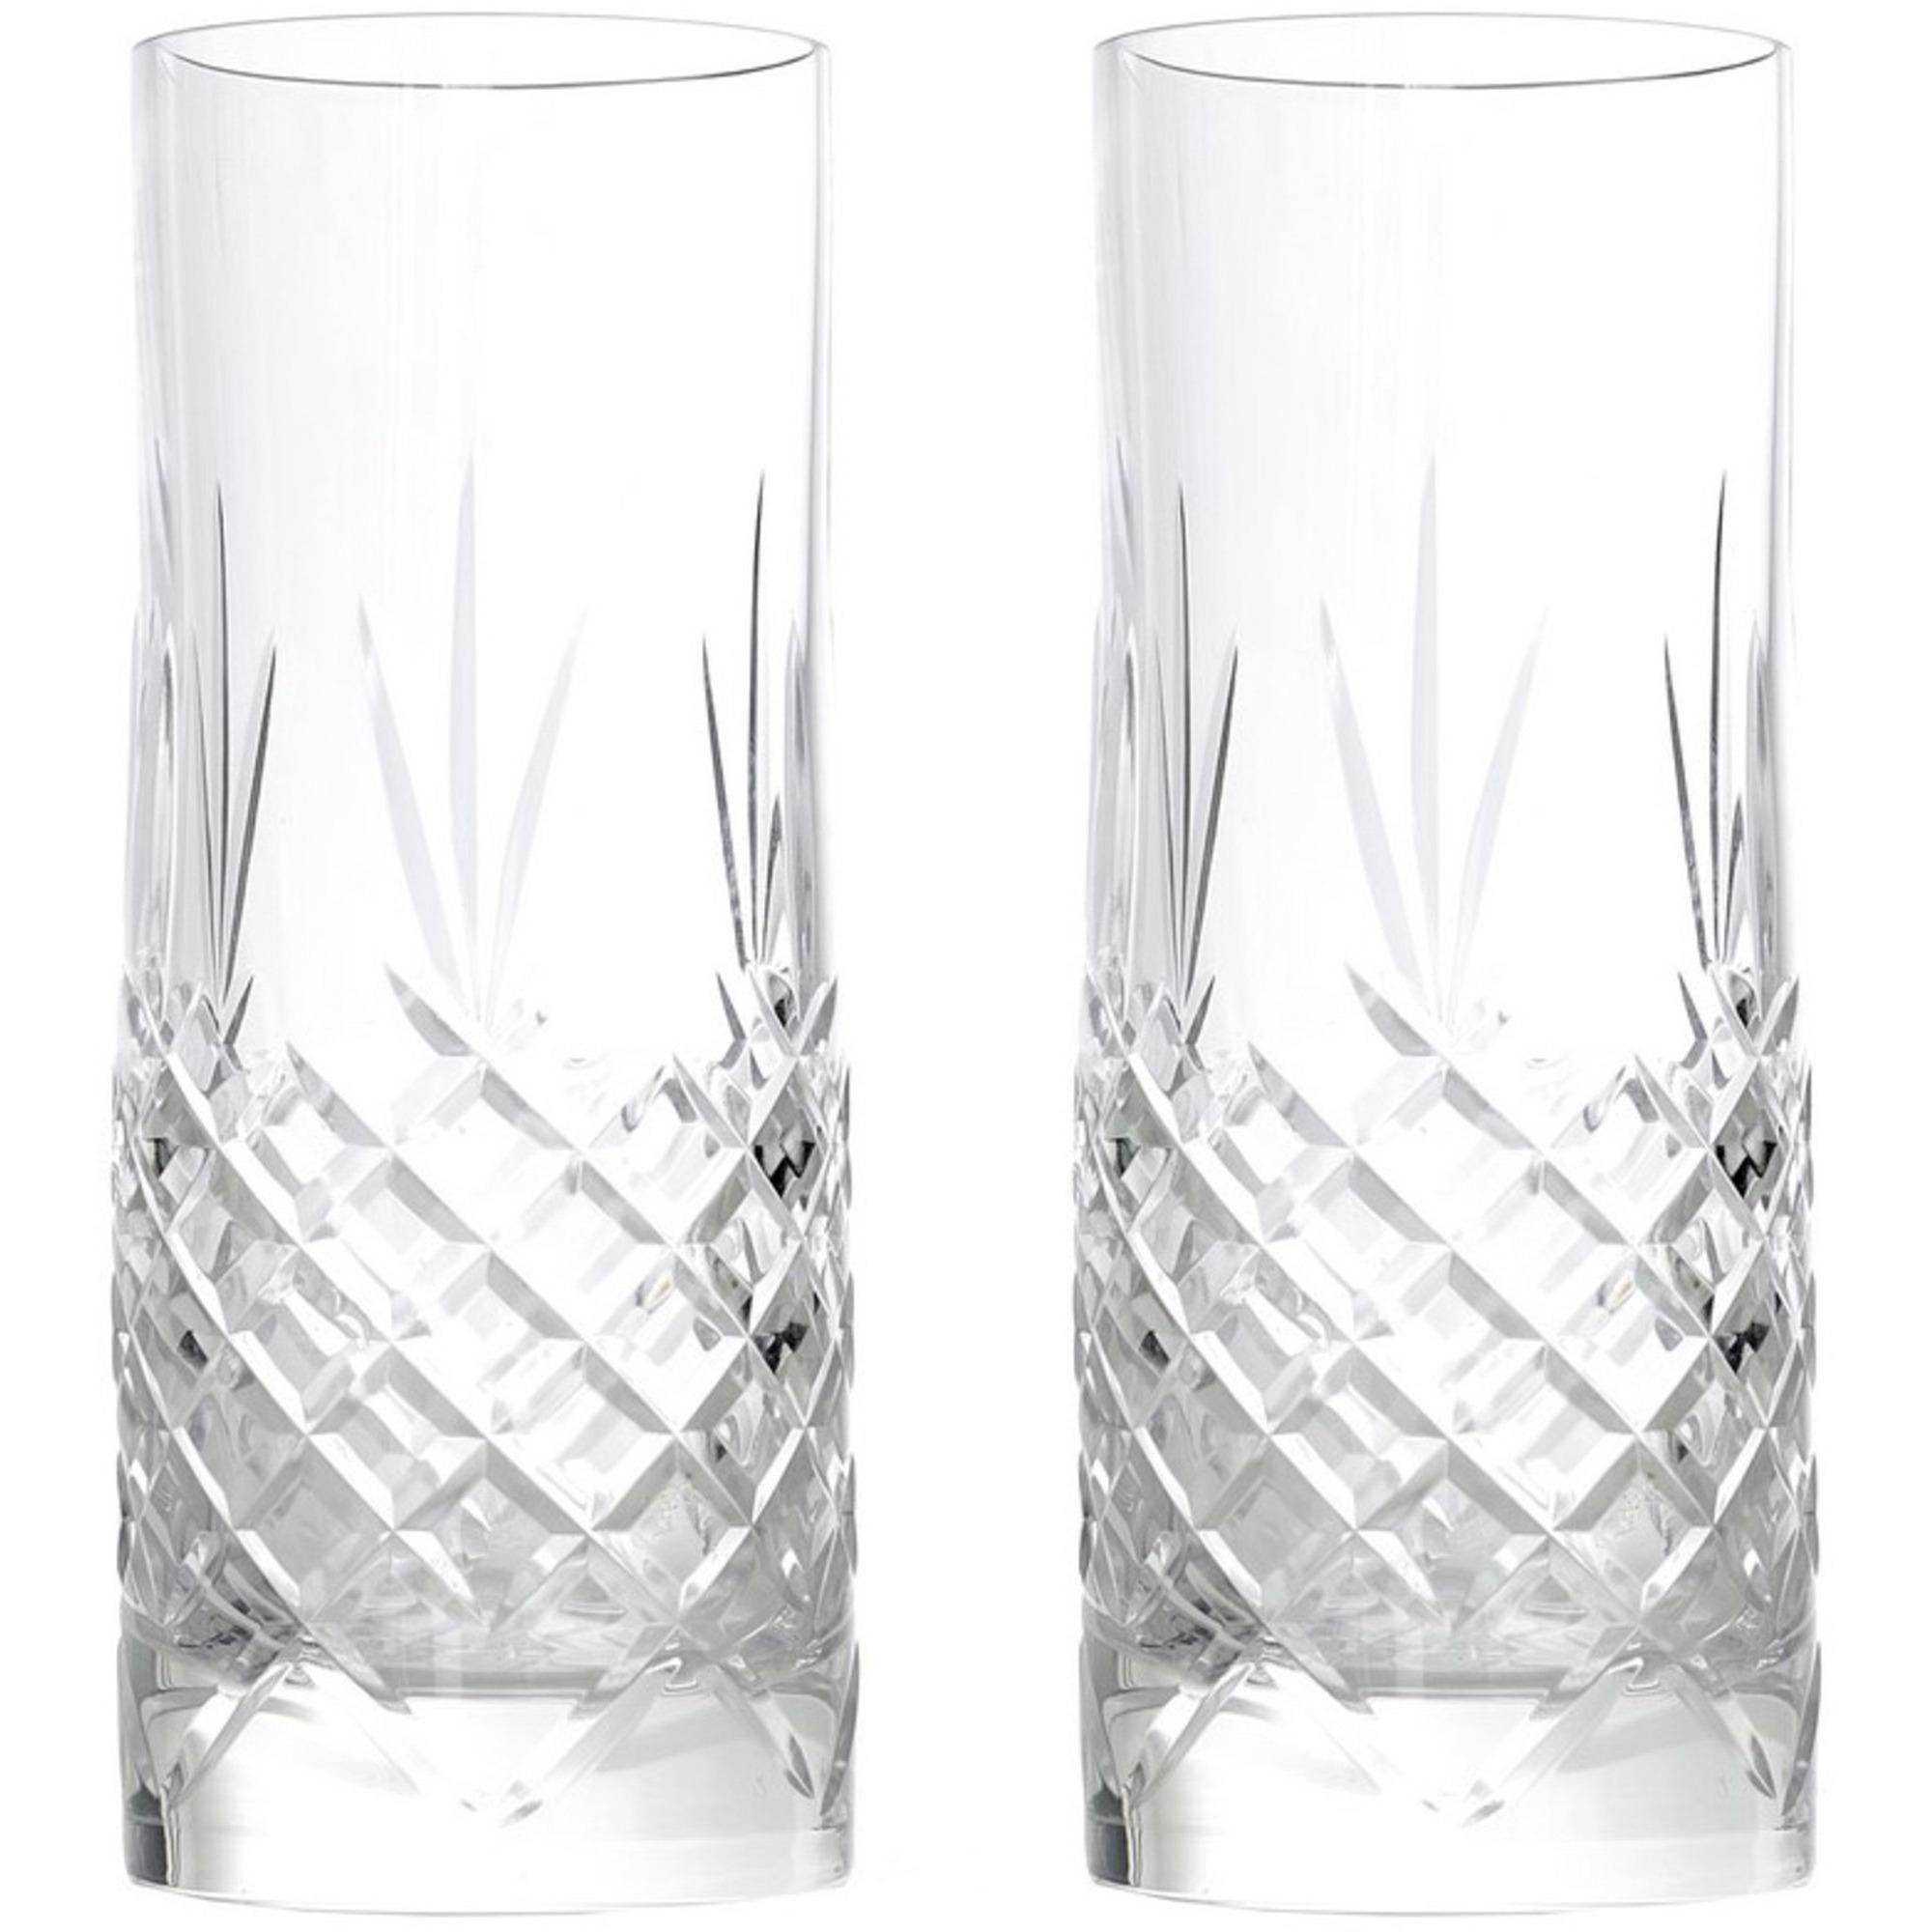 Frederik Bagger Crispy Highball glas 2 st.